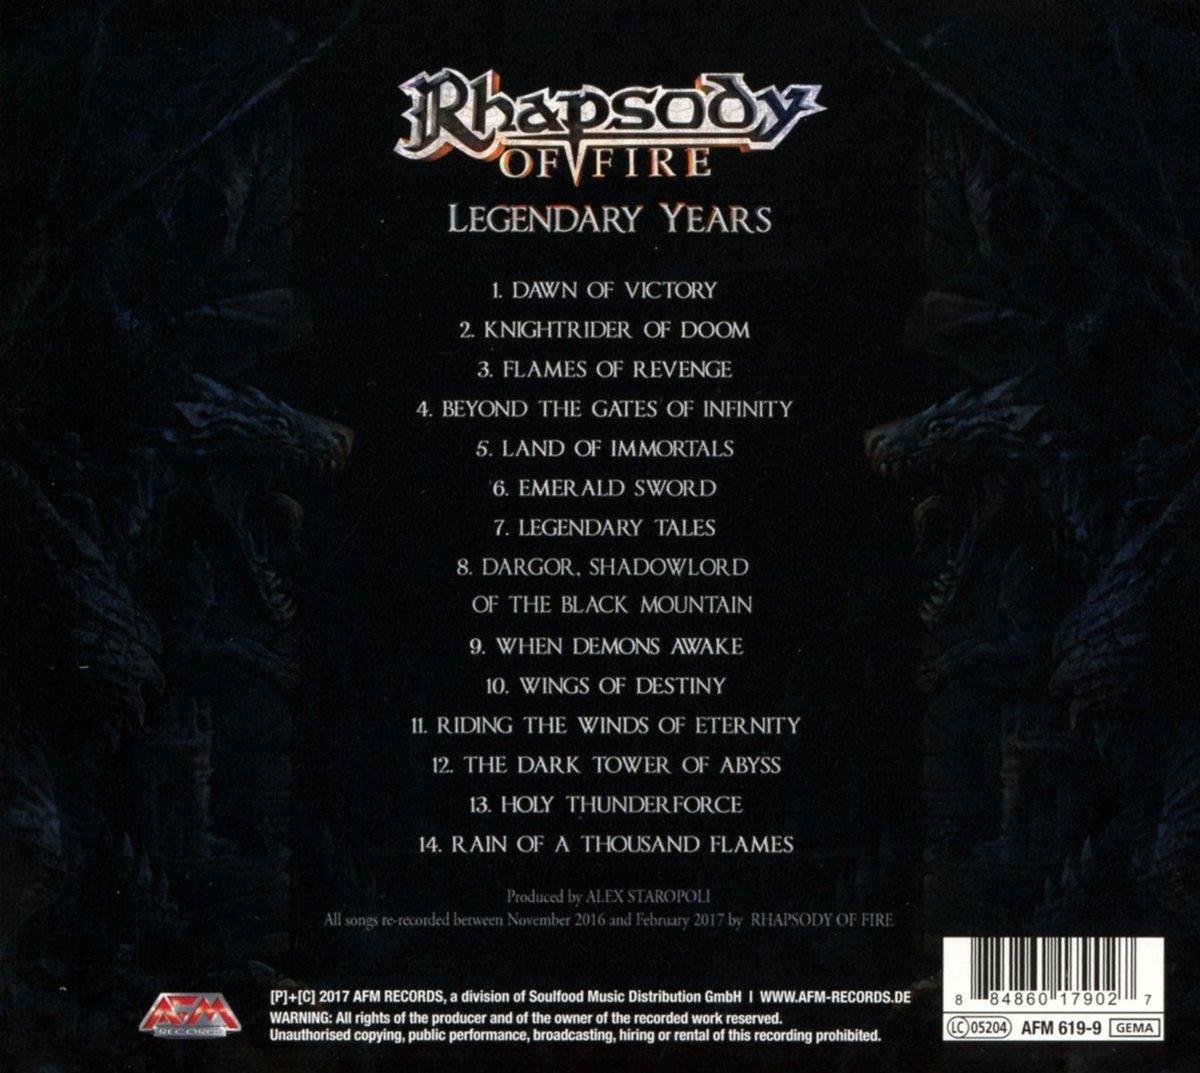 rhapsody of fire - legendary years (2017) download